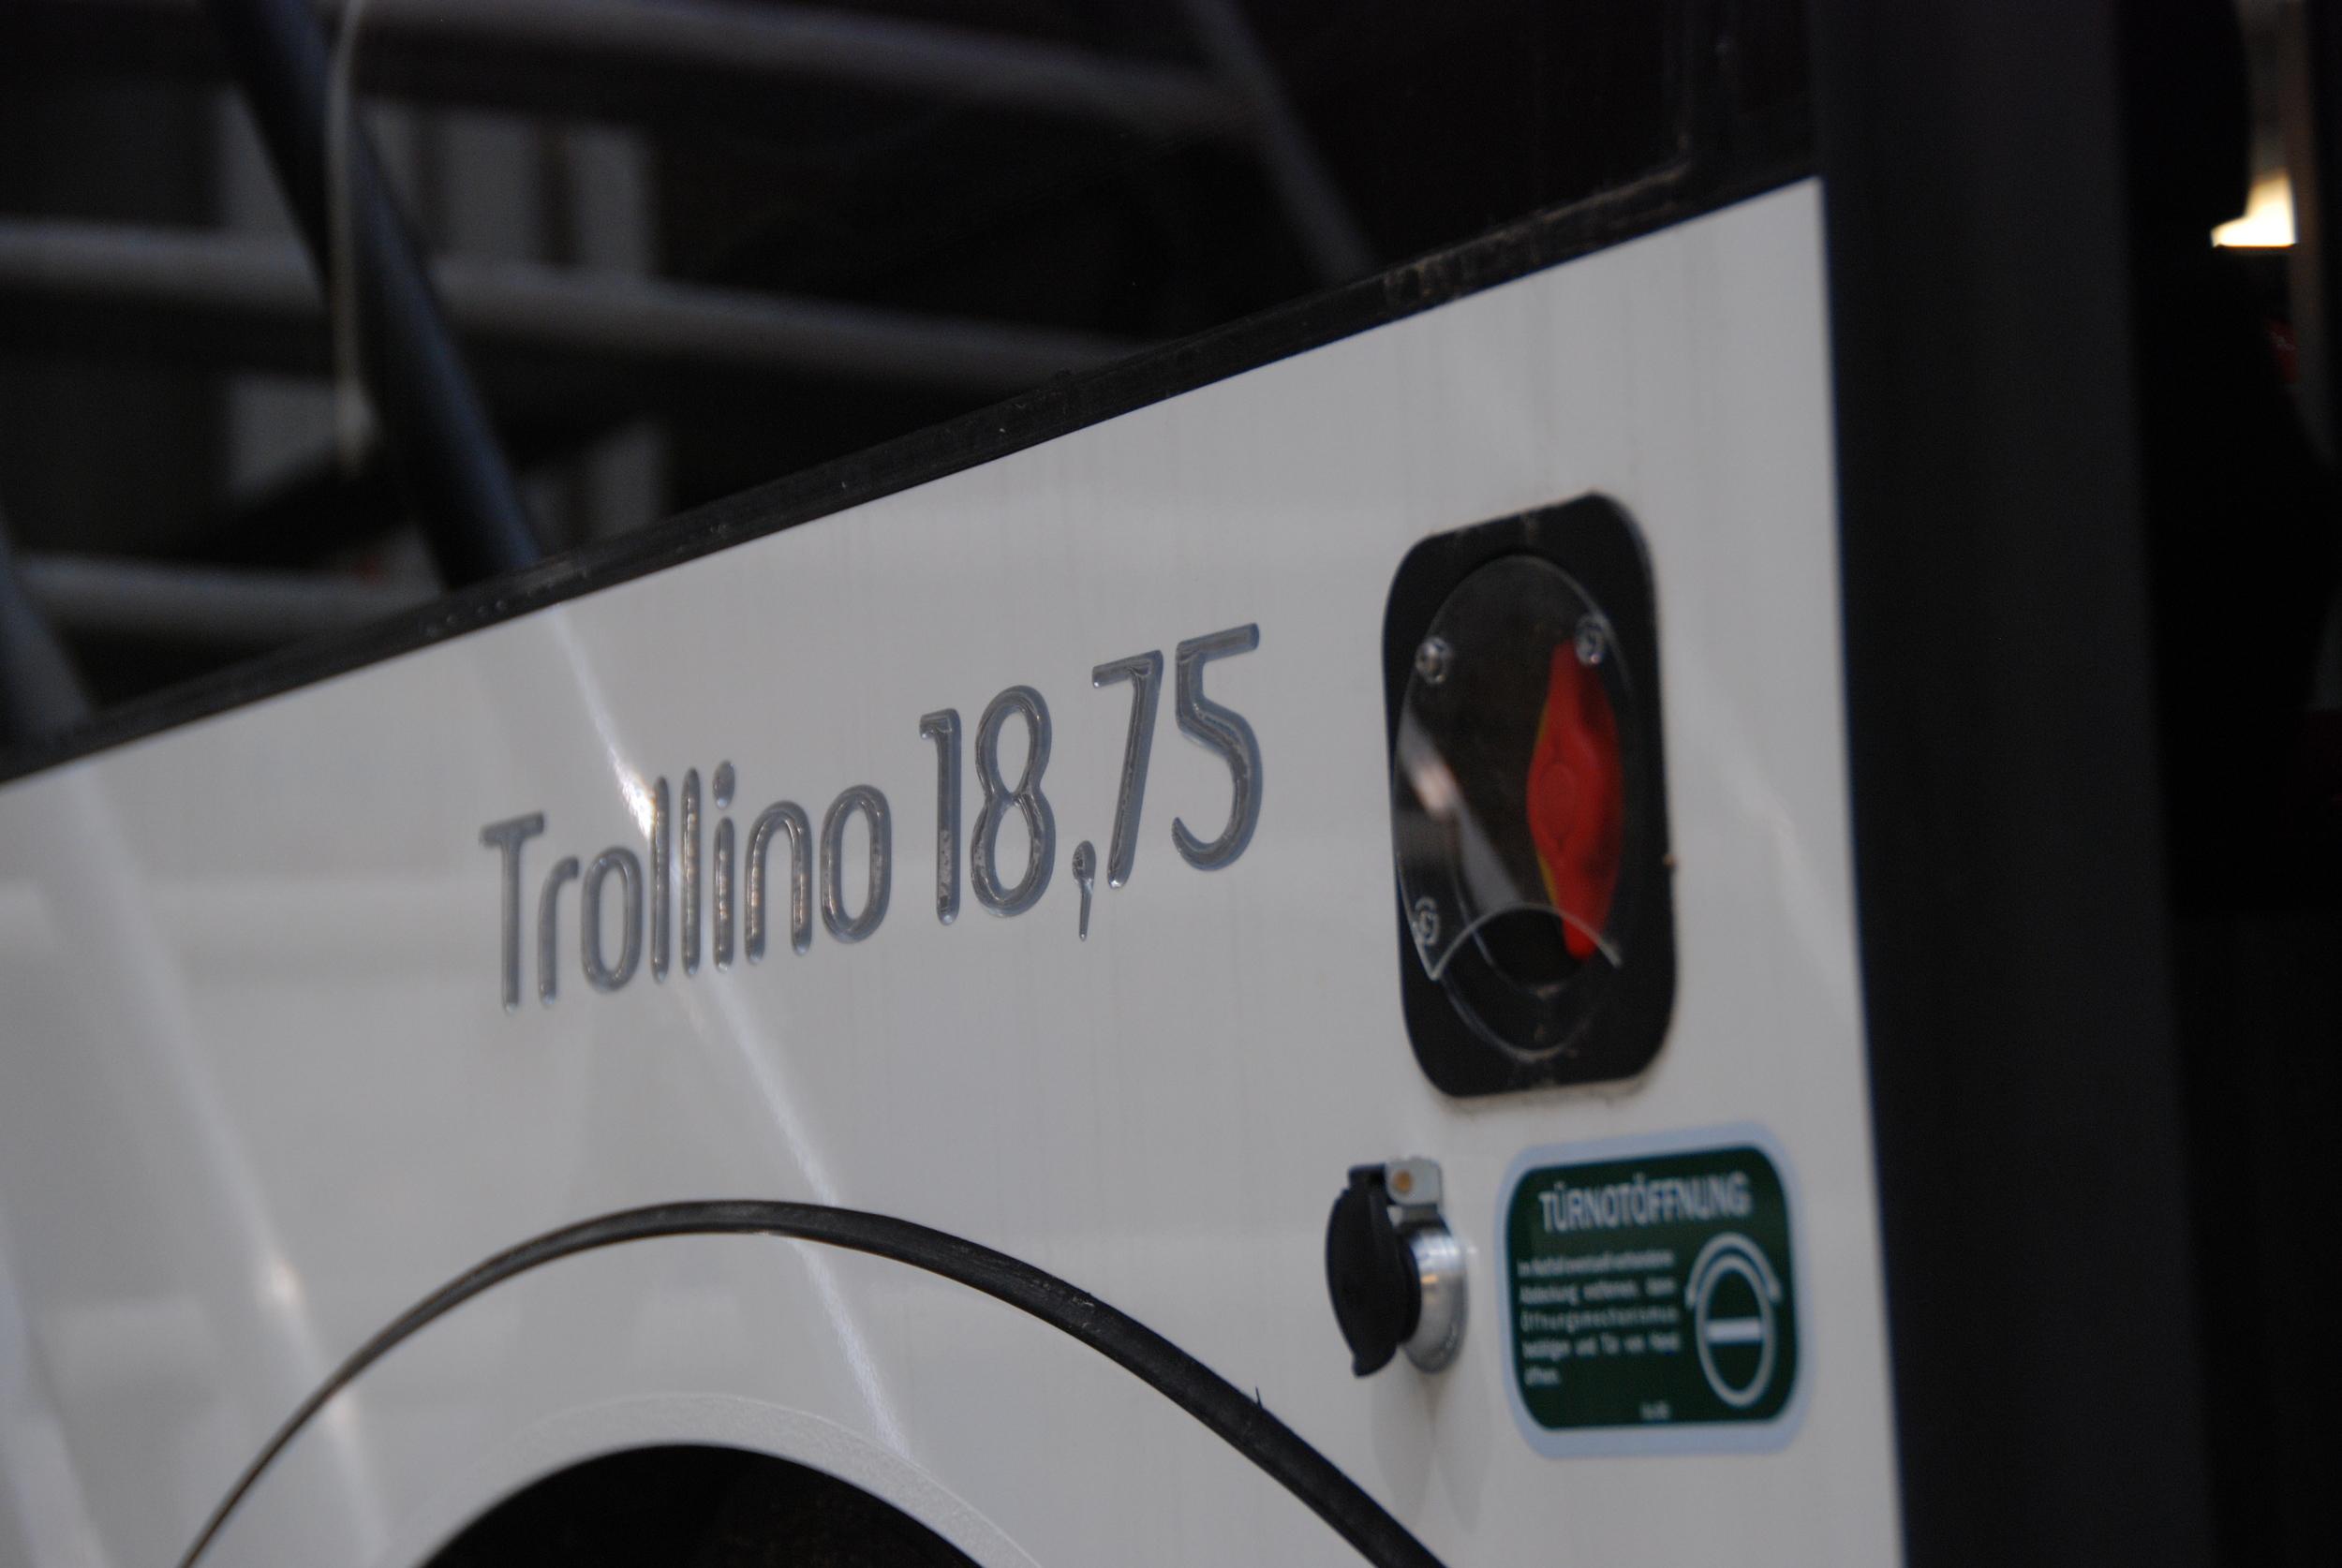 Trolejbusy mají netradiční délku 18,75 m. (foto: Libor Hinčica)